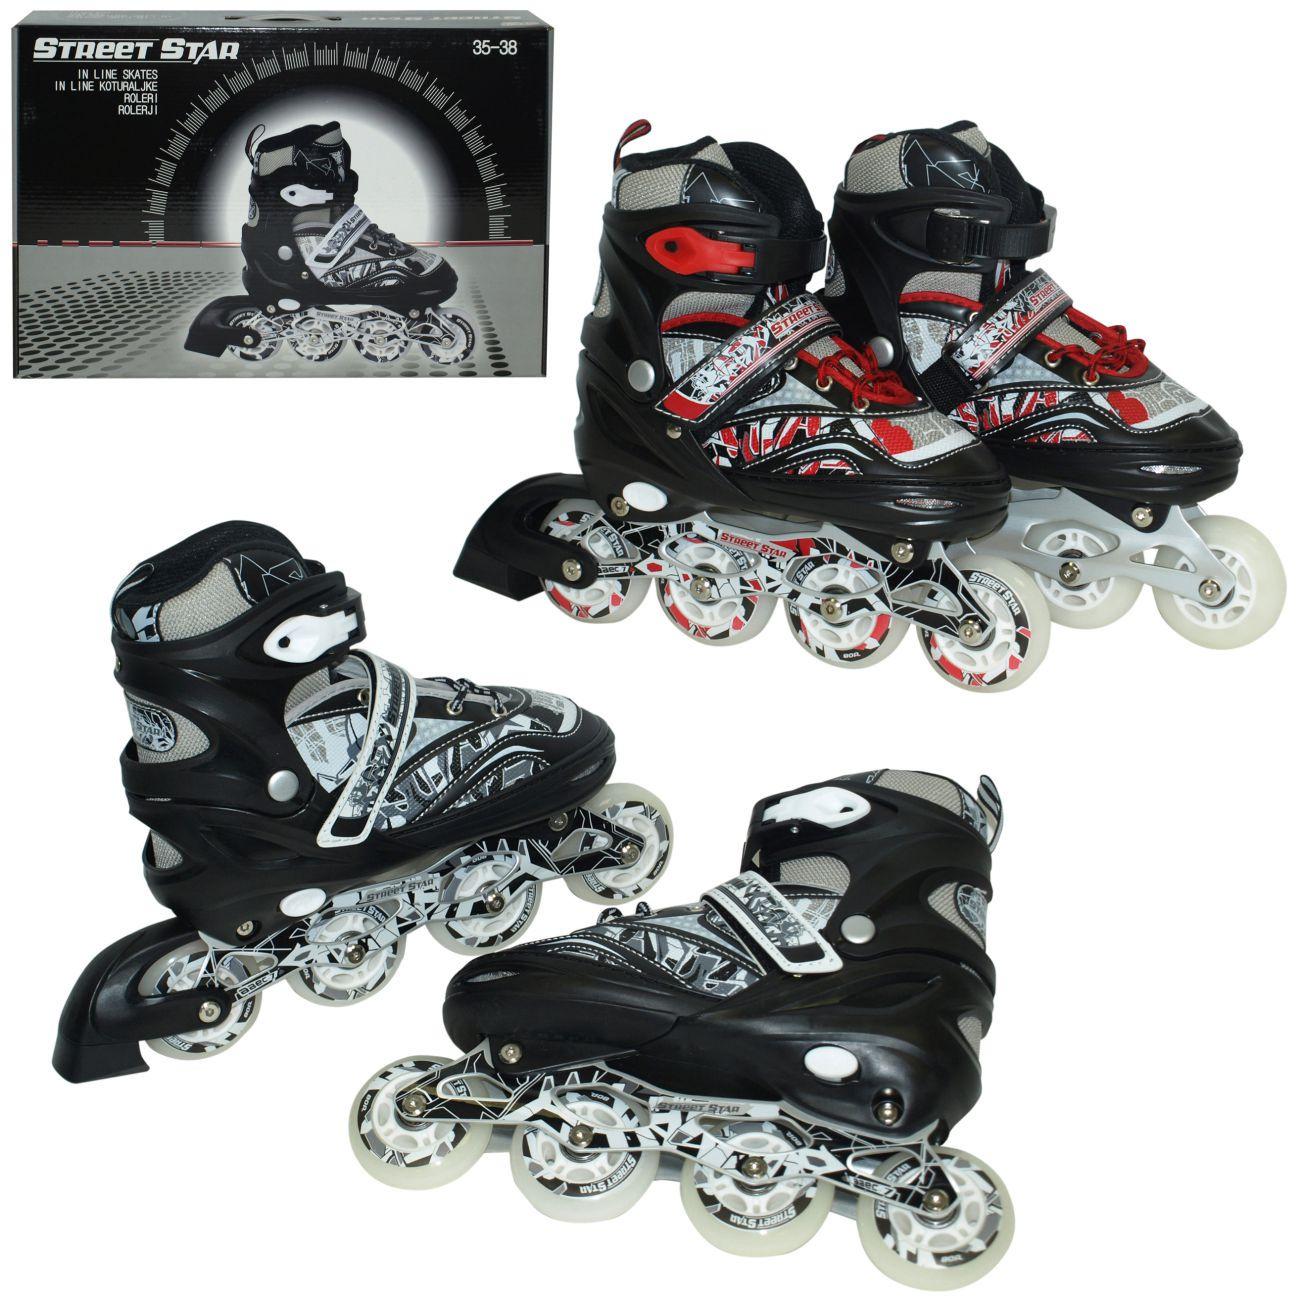 Roleri- 'In-line skates